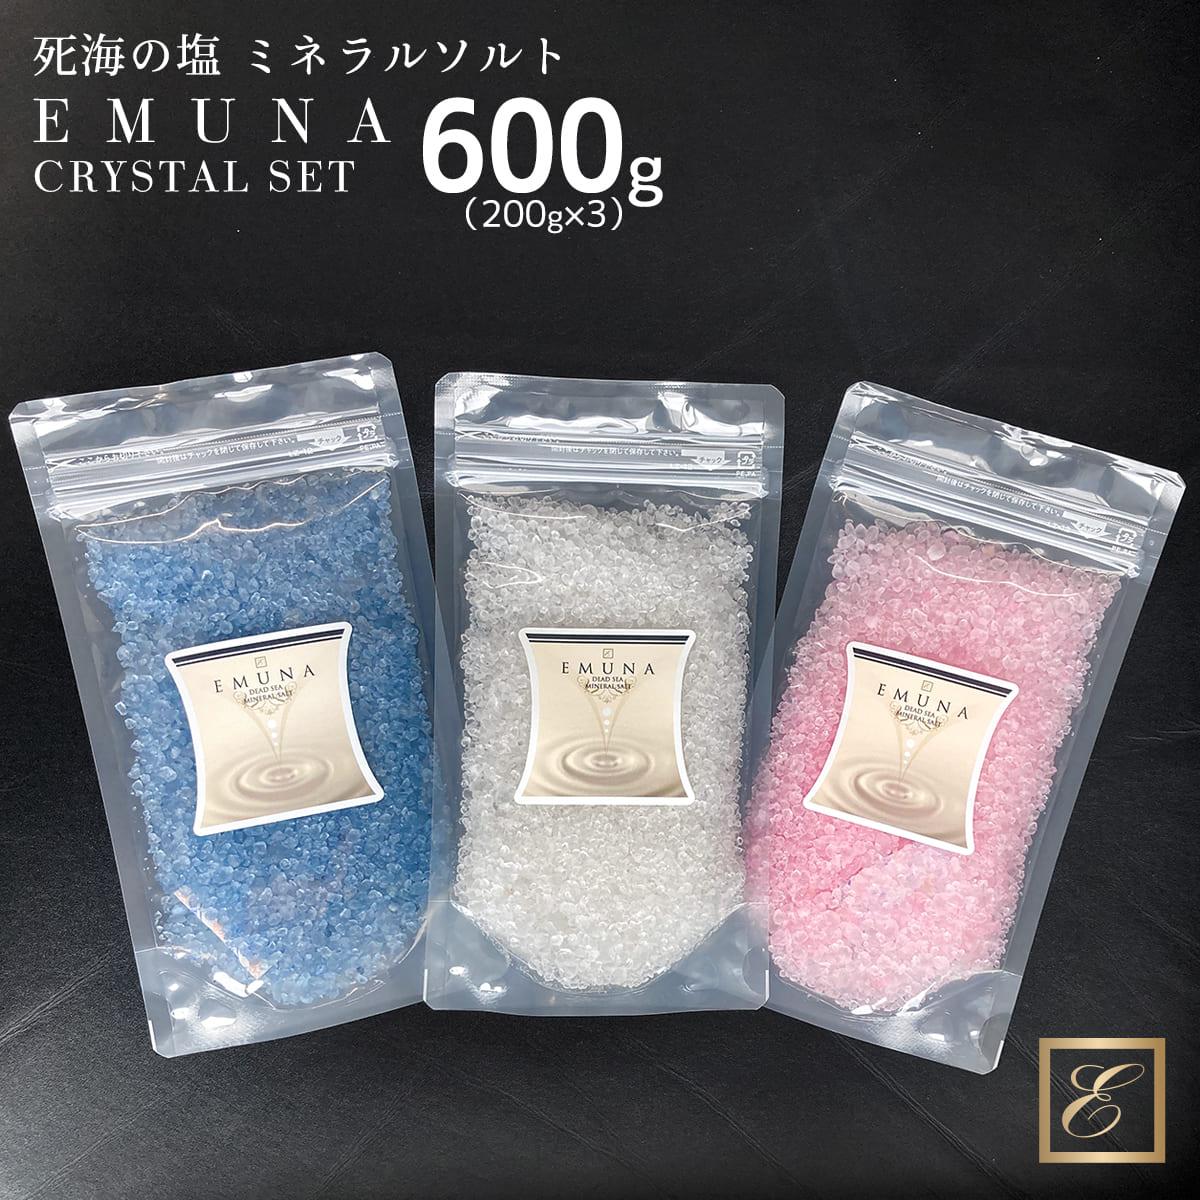 EMUNAクリスタル200gセット